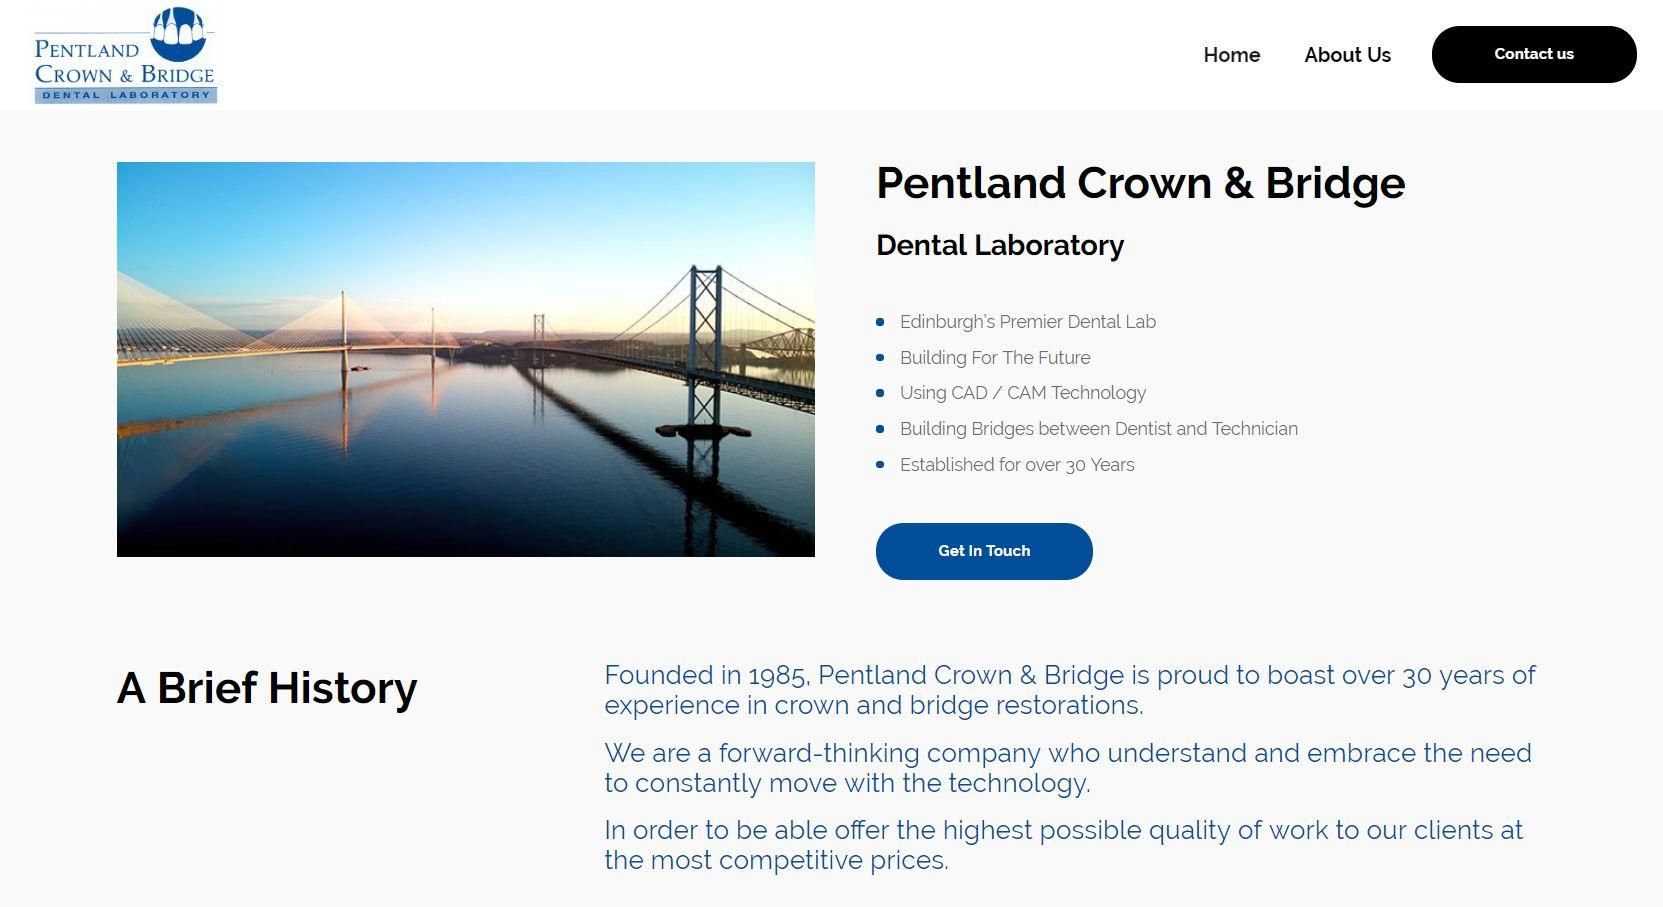 Pentland Crown & Bridge Homepage